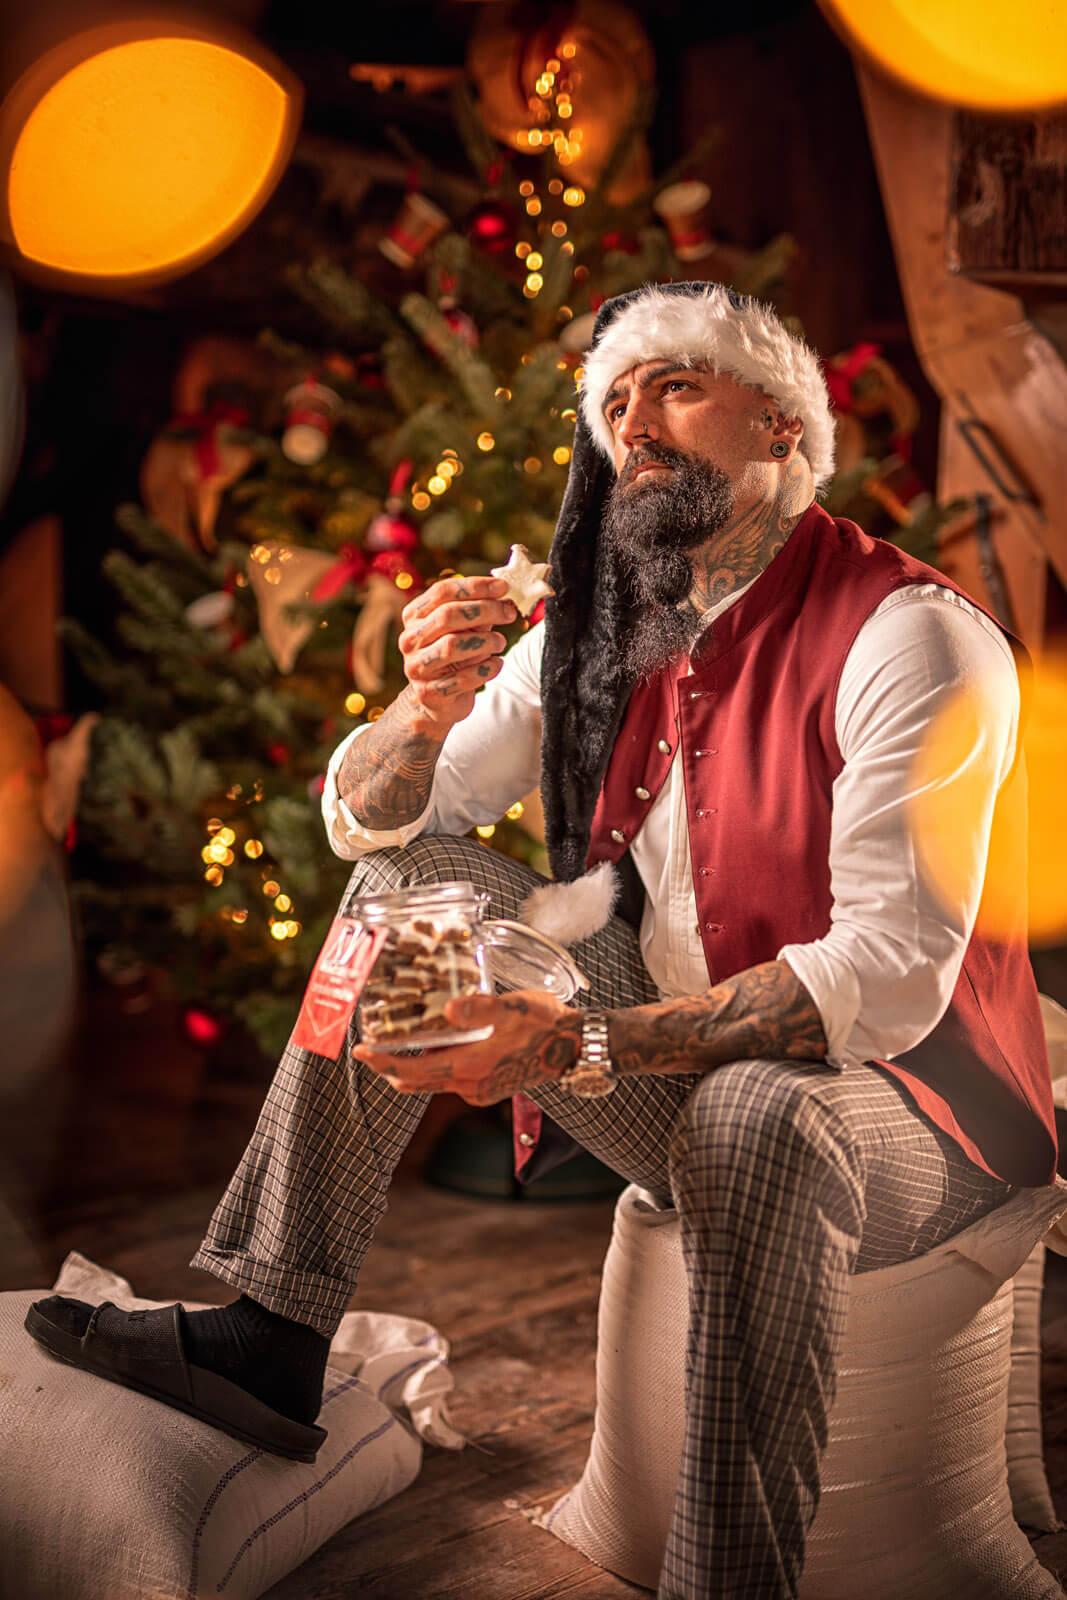 In der Weihnachtsbäckerei. Entstanden bei einem Fotoshooting in der Braaker Mühle bei Hamburg